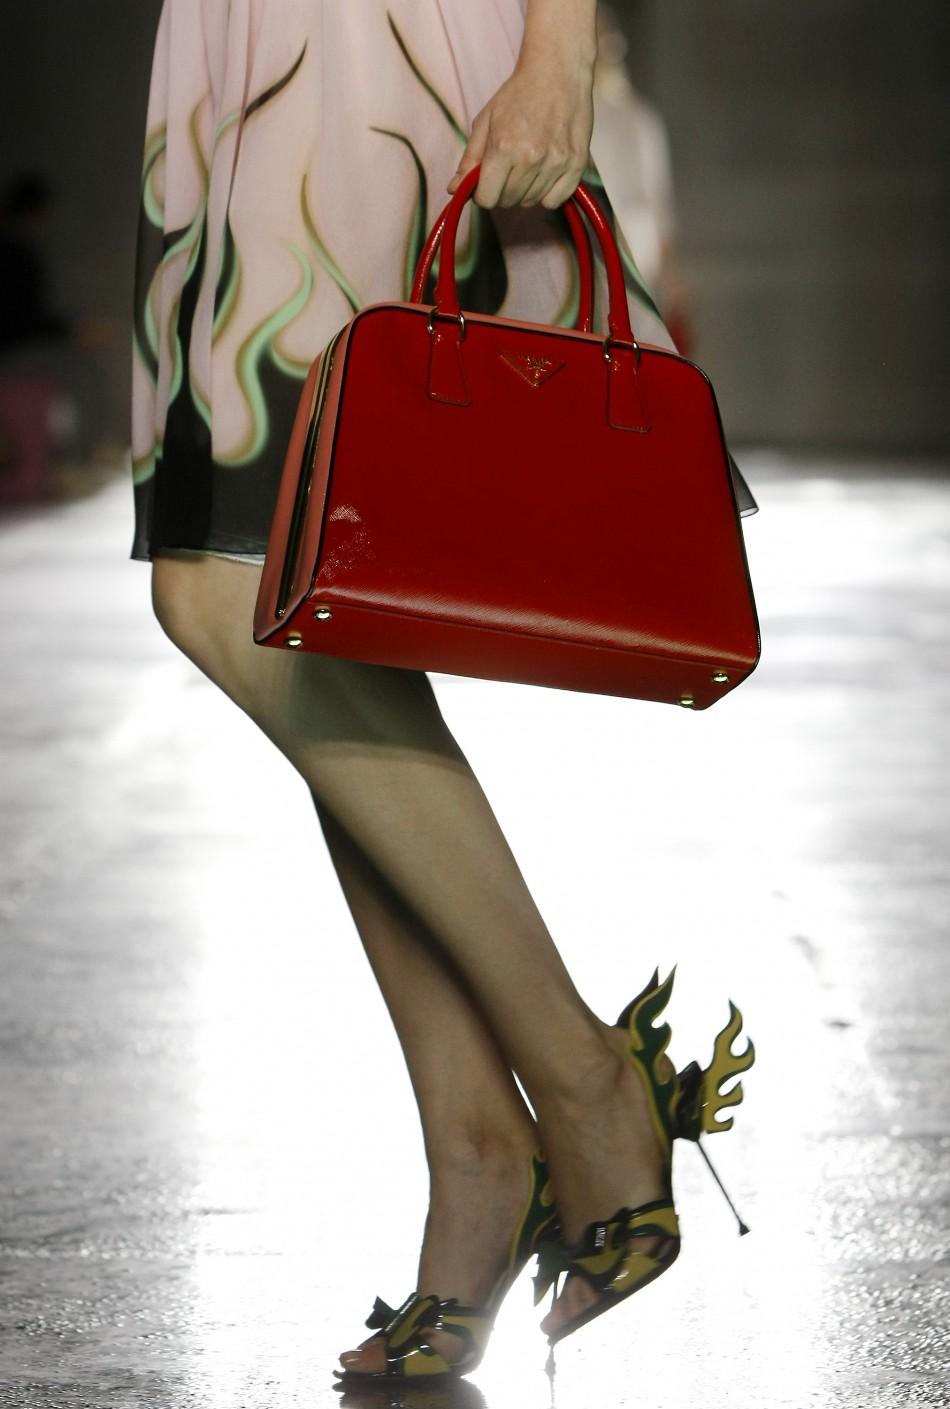 A Woman's Handbag